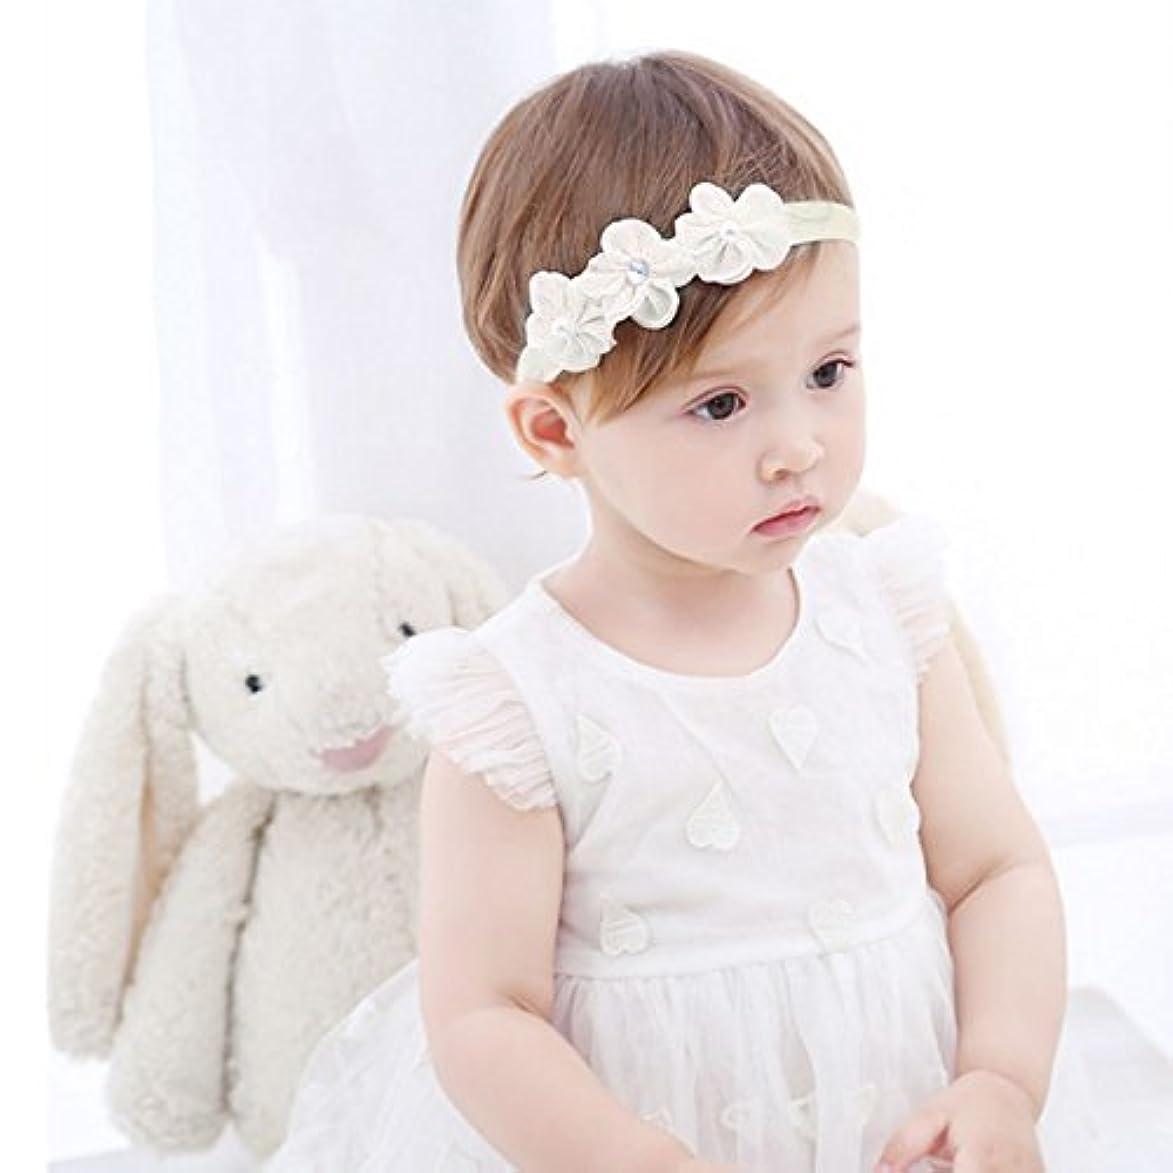 憂鬱な良い家Refaxi 子供の赤ちゃんかわいい幼児のレースの花のヘアバンドヘッドウェアヘッドバンドアクセサリー